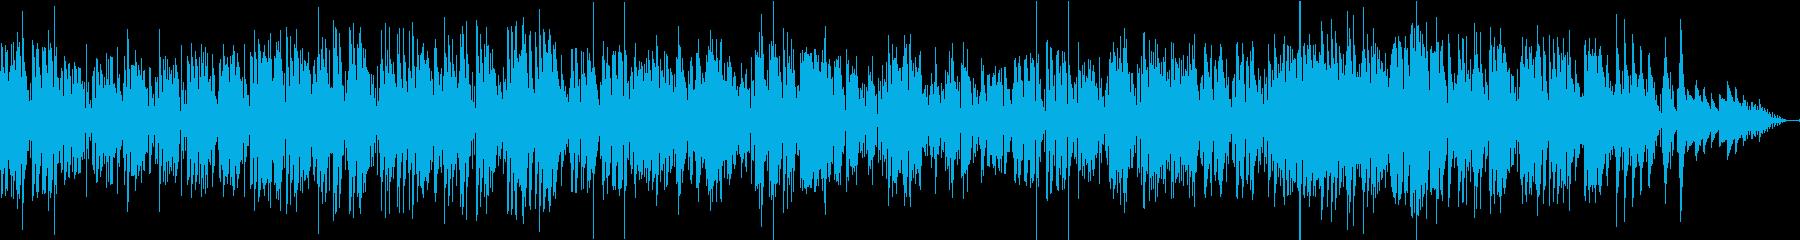 『ジングルベル』のジャズボッサアレンジの再生済みの波形